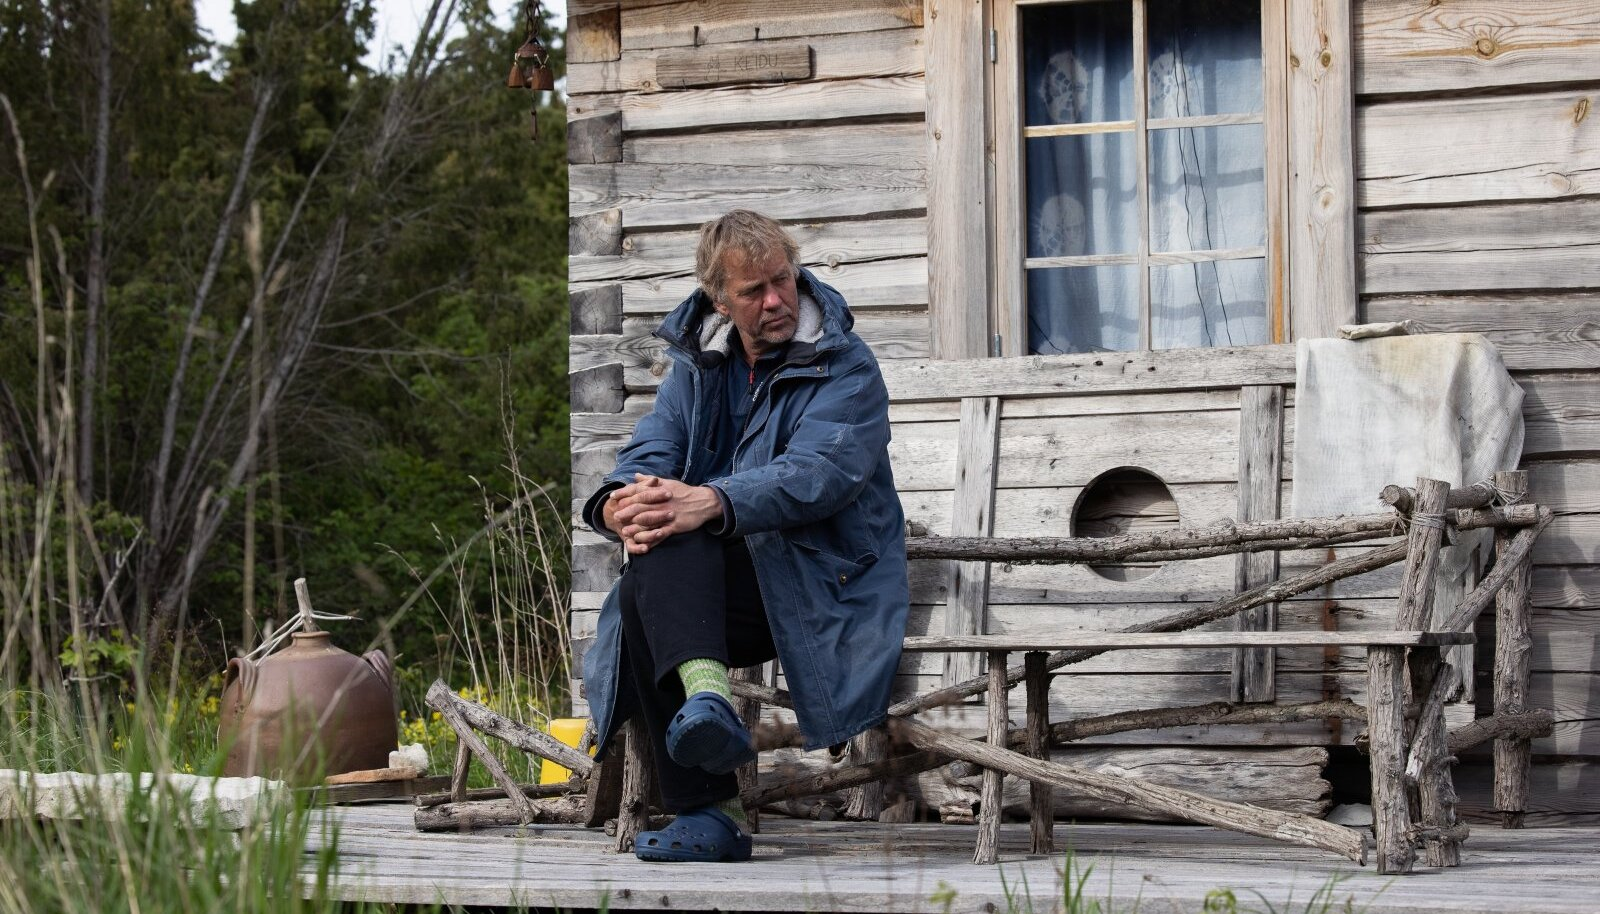 """Jaan Tättele meeldib Vilsandil hommikuti trepil istuda ja kohvi juua. """"Ei pea kuskile minema, kõik Eestis elavad linnud käivad õue pealt läbi,"""" kirjeldab ta oma väikese saare võlusid."""